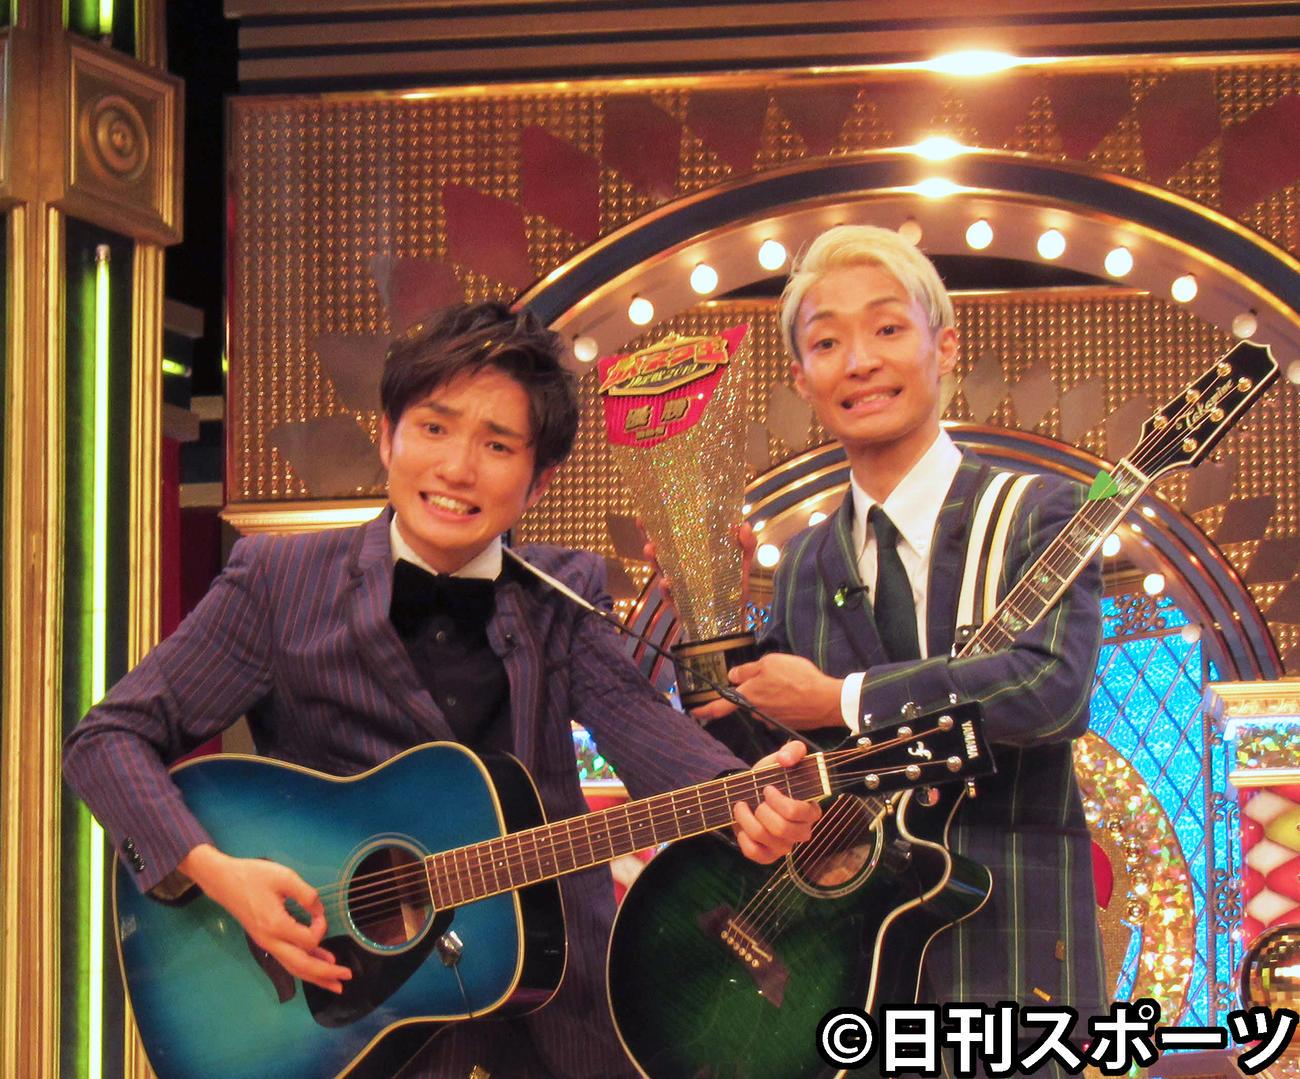 ラニーノーズの洲崎貴郁(左)と山田健人(2019年9月18日撮影)